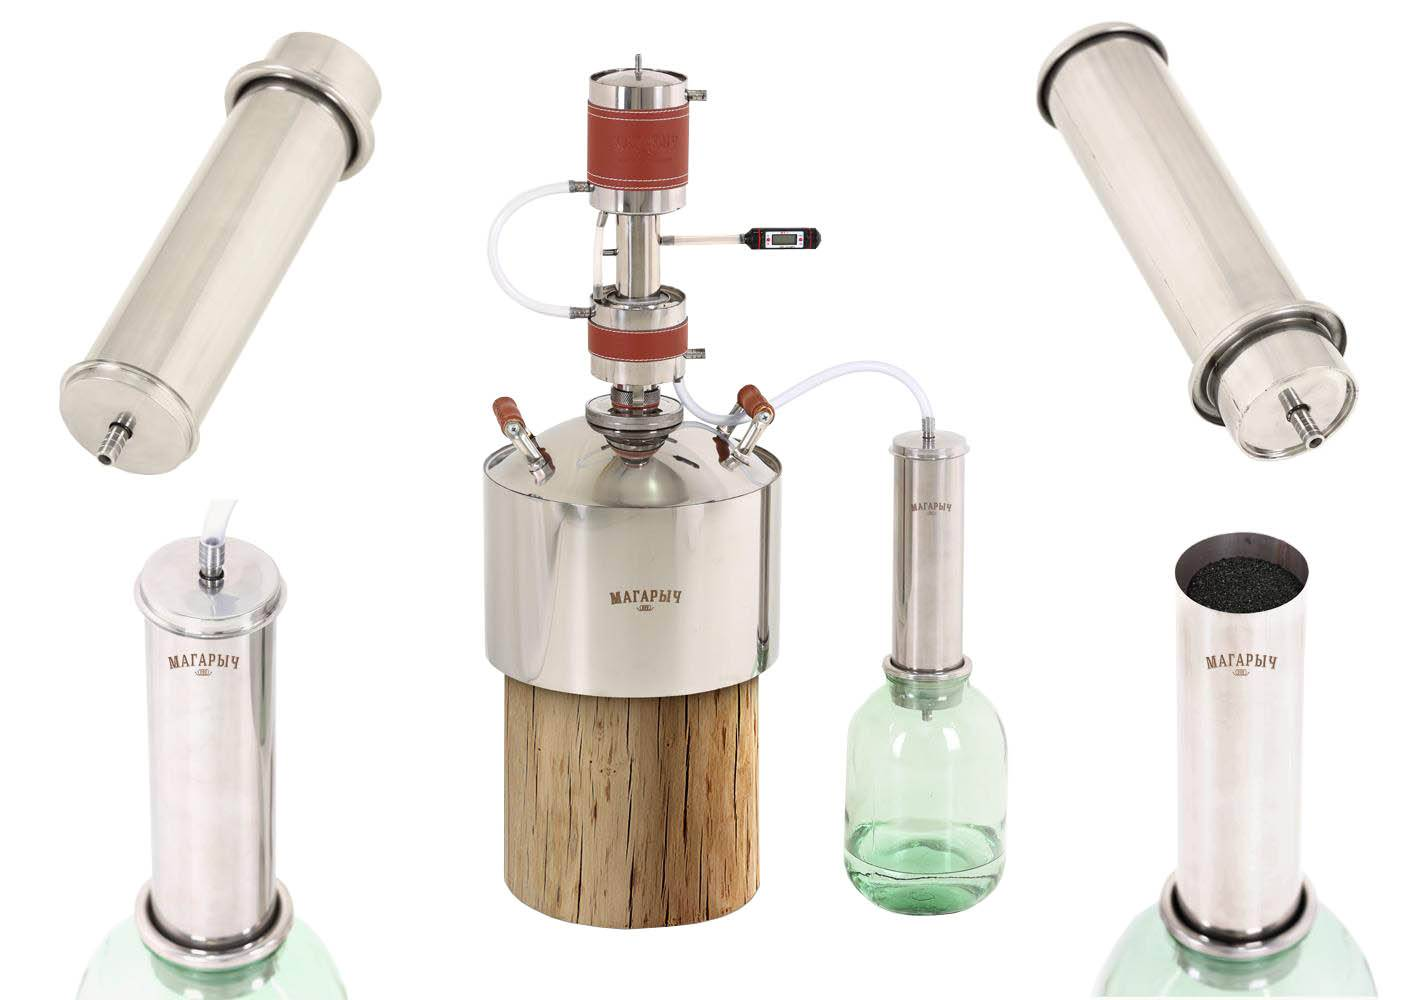 Угольная колонна для очистки самогона своими руками: как правильно сделать фильтр, особенности конструкции